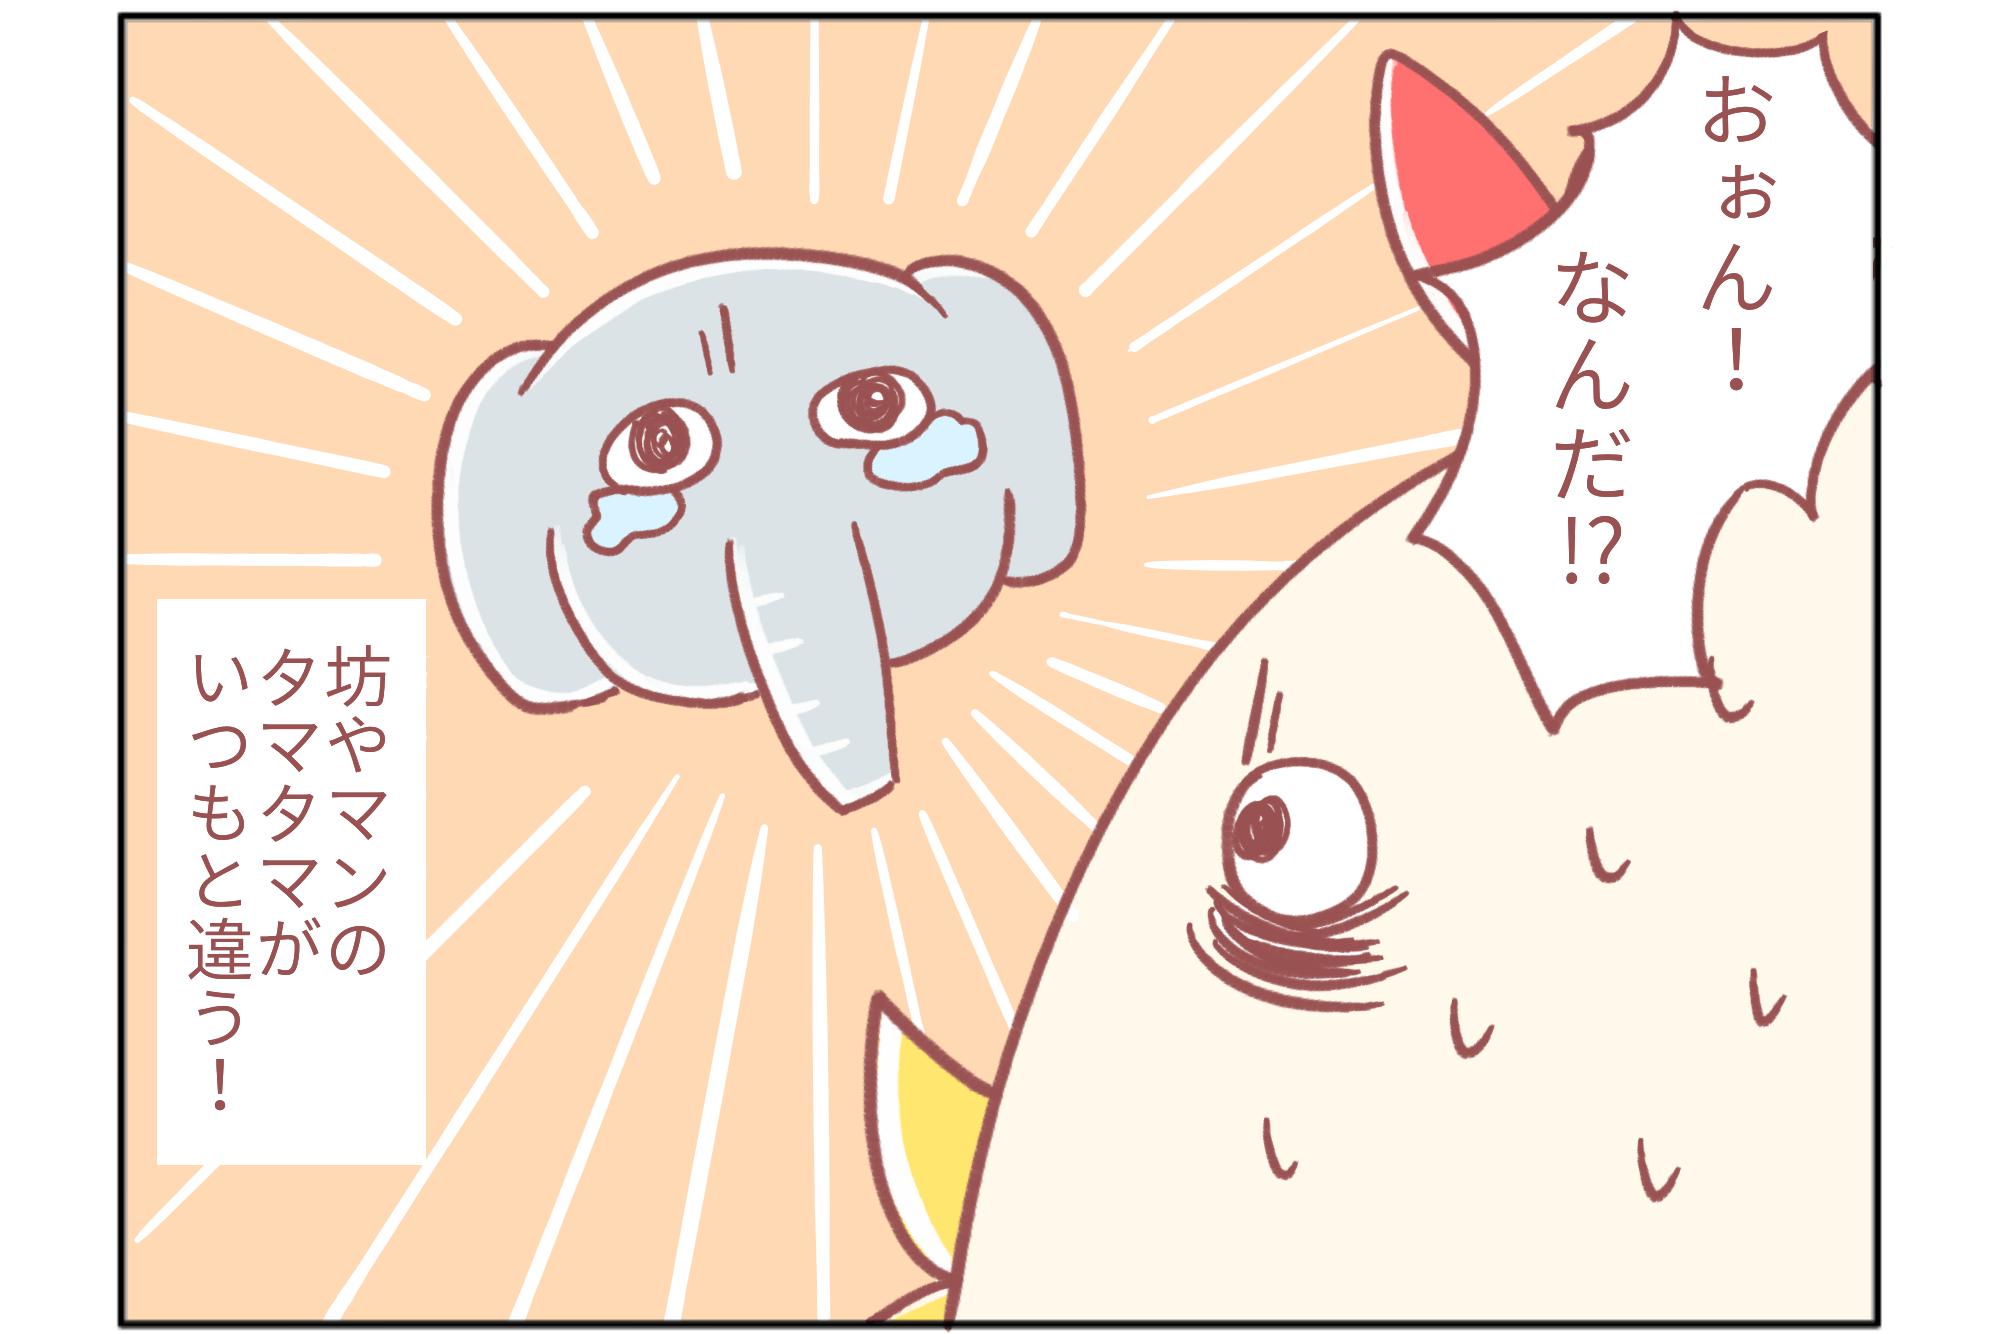 息子のタマタマがおかしい…!?|鳥谷丁子のオモテ育児・ウラ育児#24